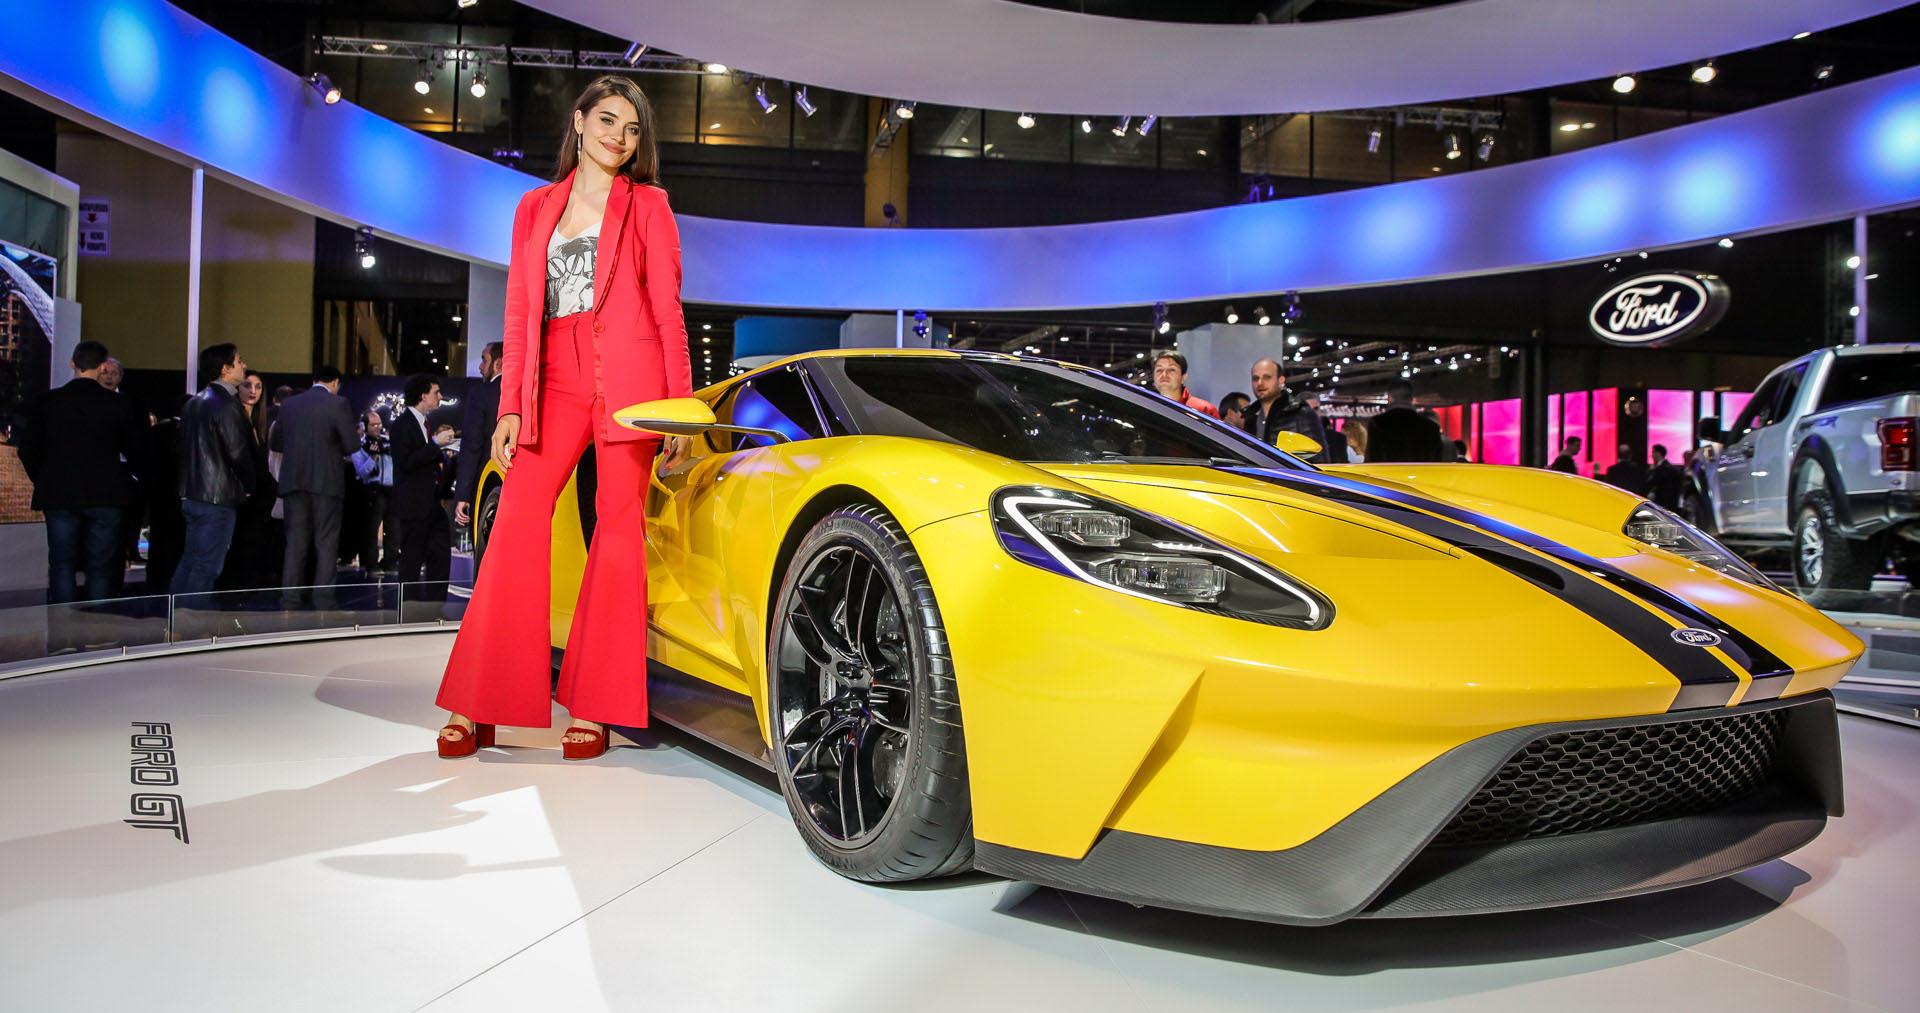 El Ford GT atrajo todas las miradas, incluso, la de Eva de Dominici